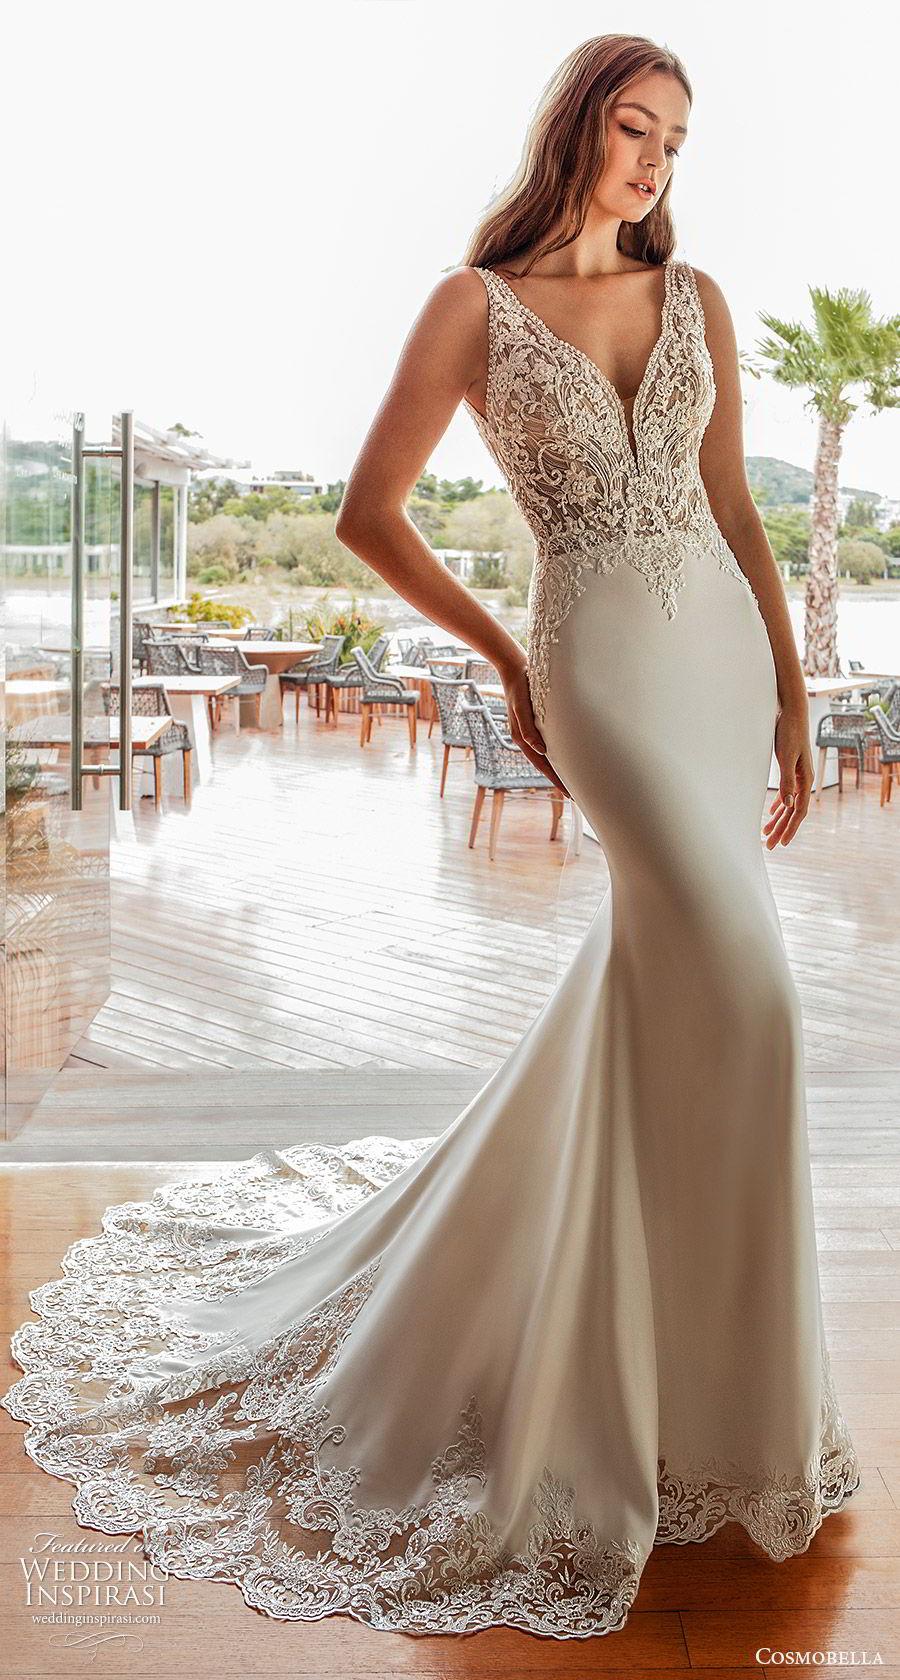 cosmobella 2020 bridal sleeveless beaded thick straps embellished bodice sheath wedding dress (16) elegant glamorous low back chapel train mv